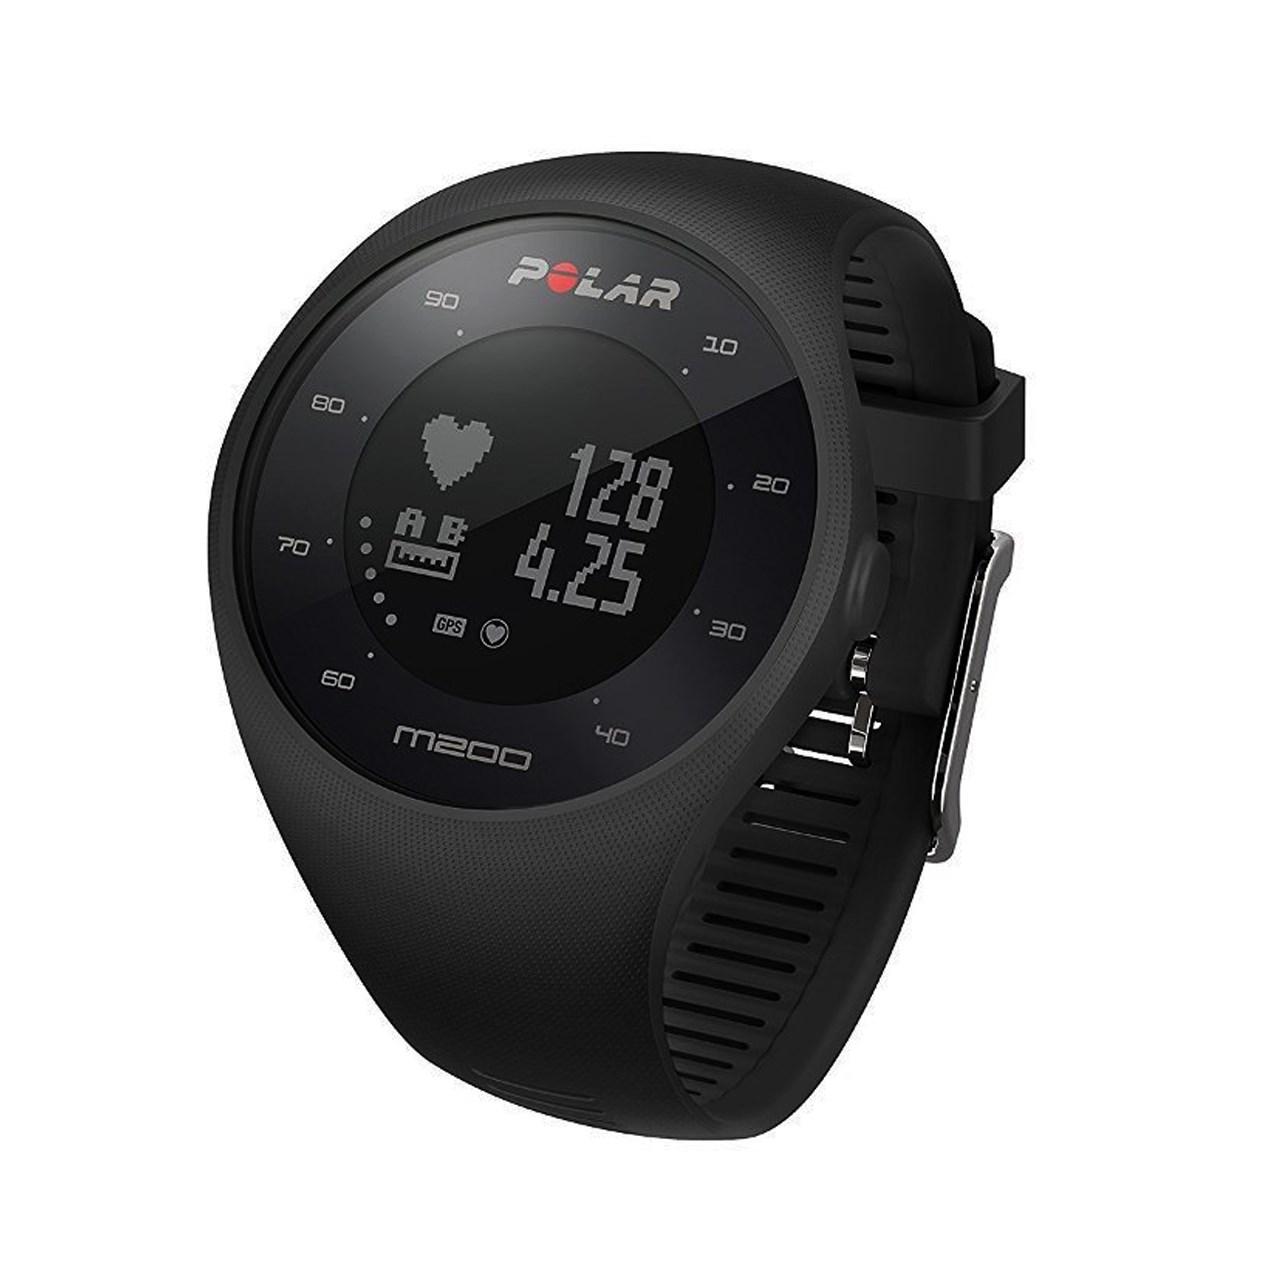 ساعت ورزشی پلار مدل M200